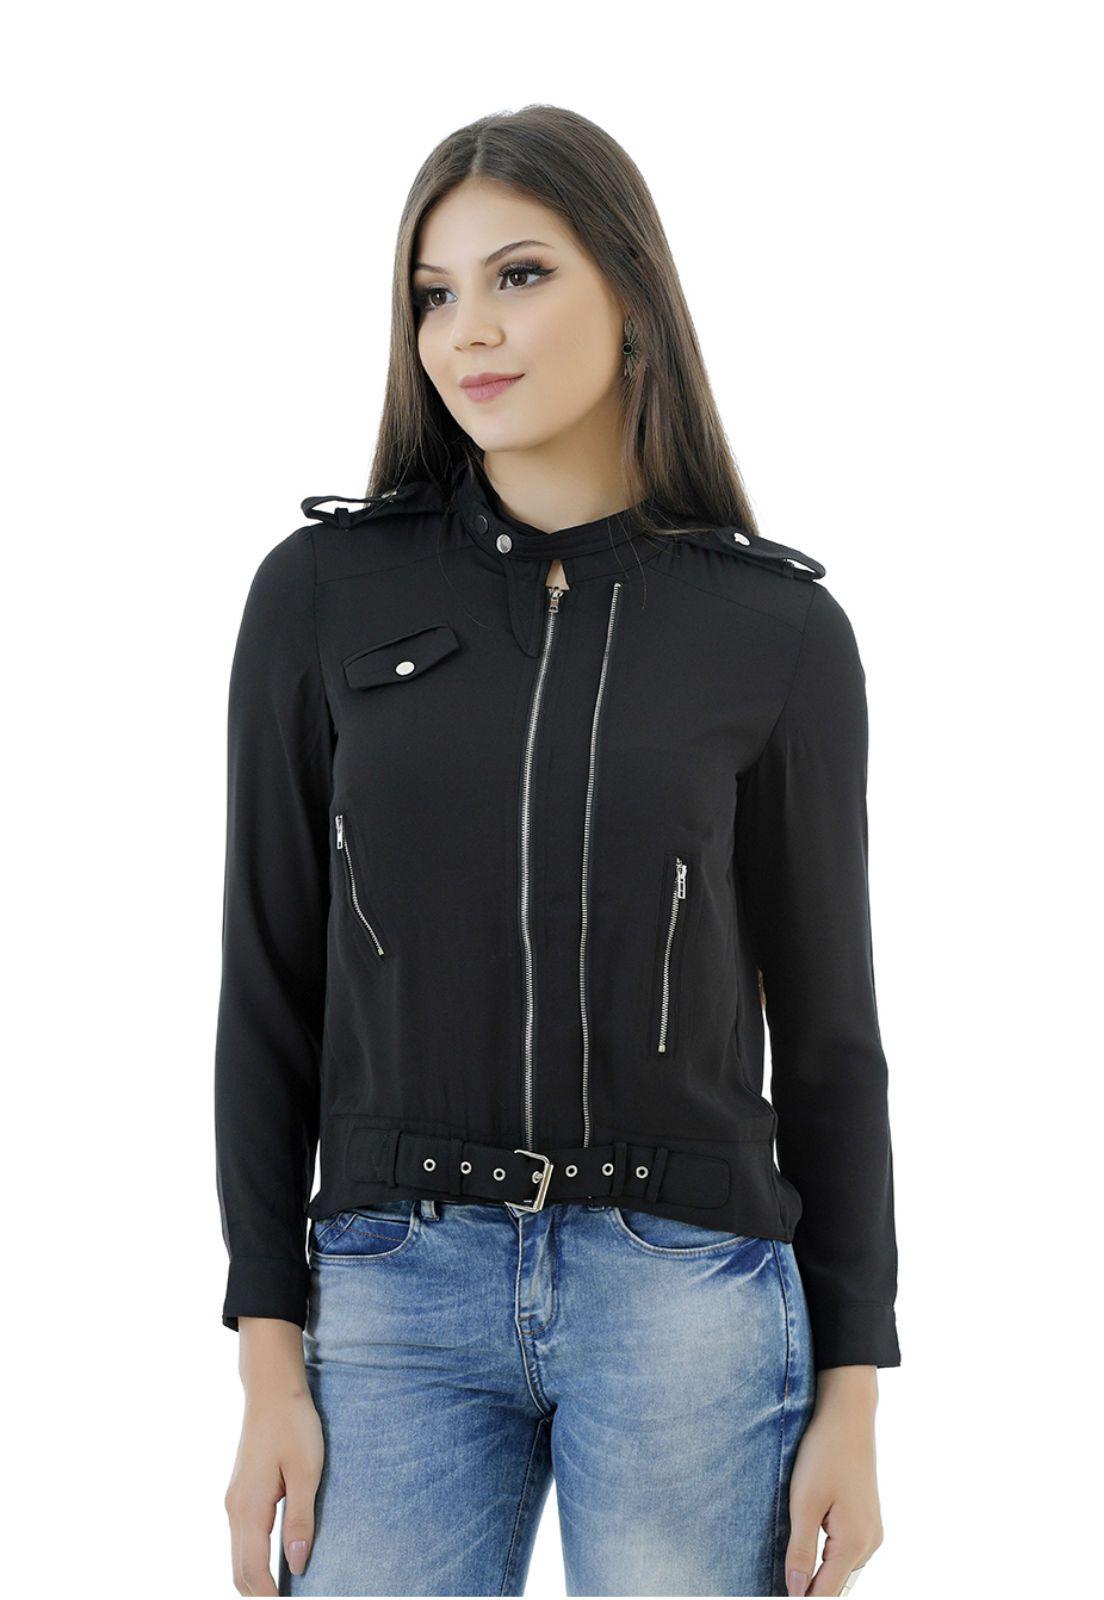 Blusão preto Dolce Vita